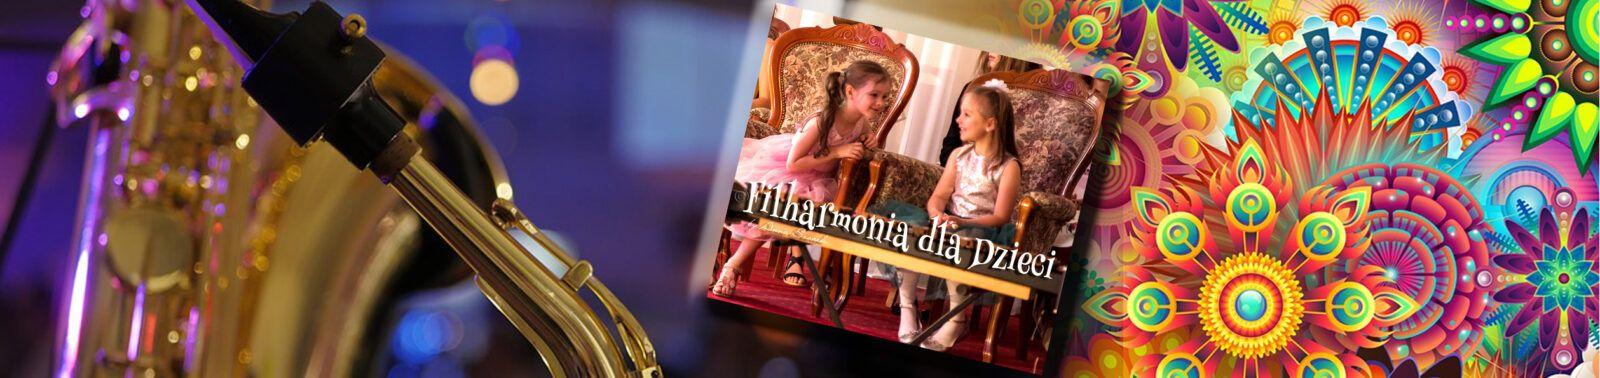 Filharmonia_dla _Dzieci-Palac_Wilanow